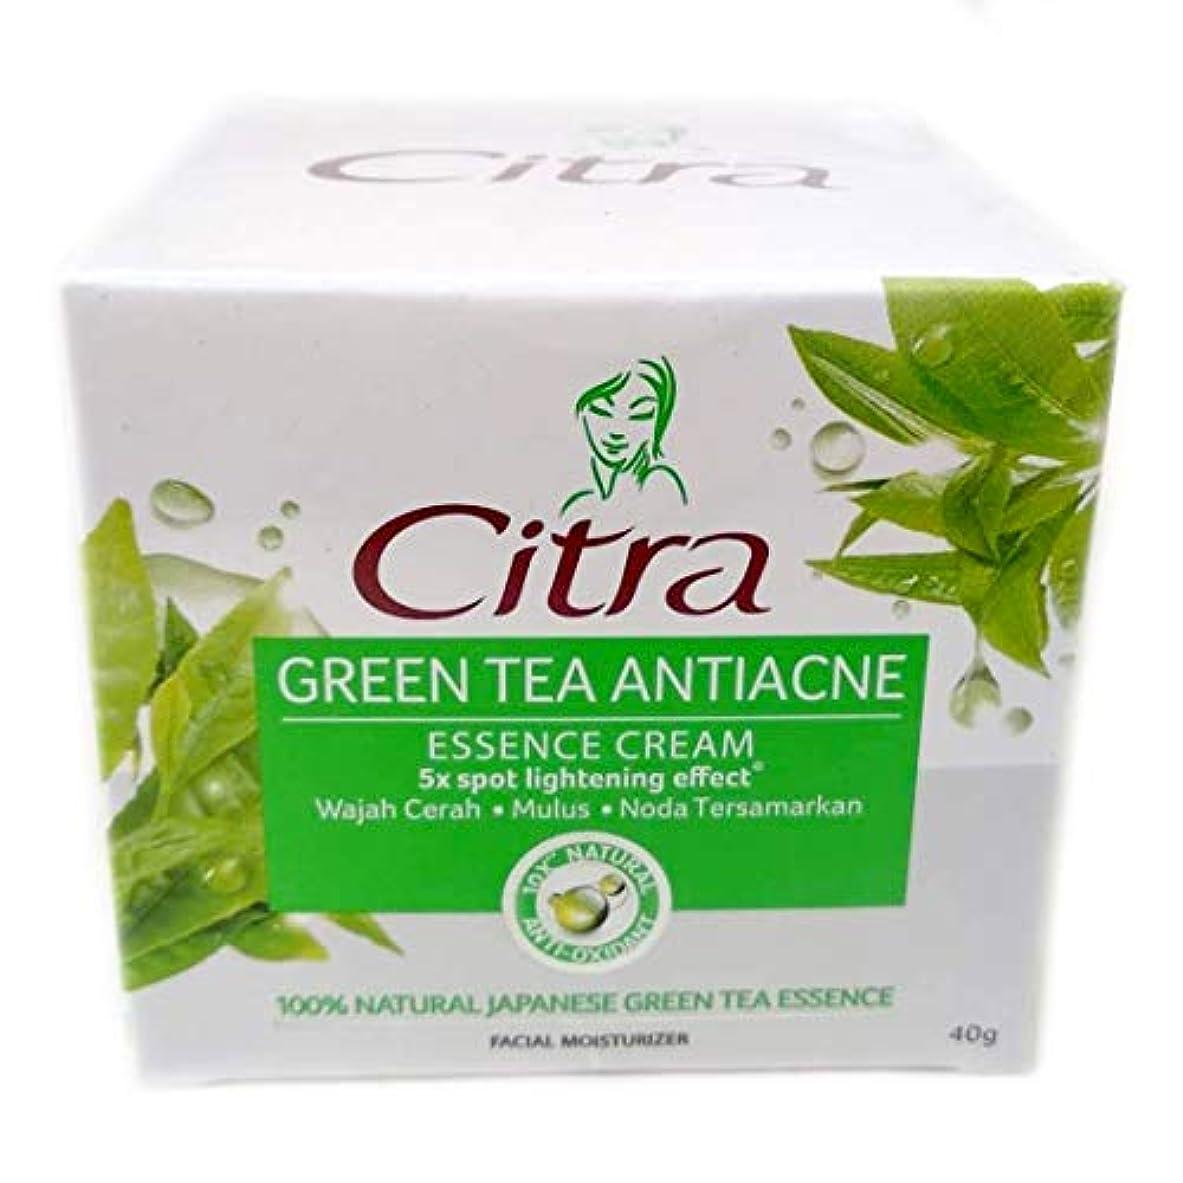 好奇心ブラインド犯人Citra チトラ Facial Moisturizer フェイシャルモイスチャライザー エッセンシャルフェイスクリーム Green Tea Antiacne 40g [海外直送品]